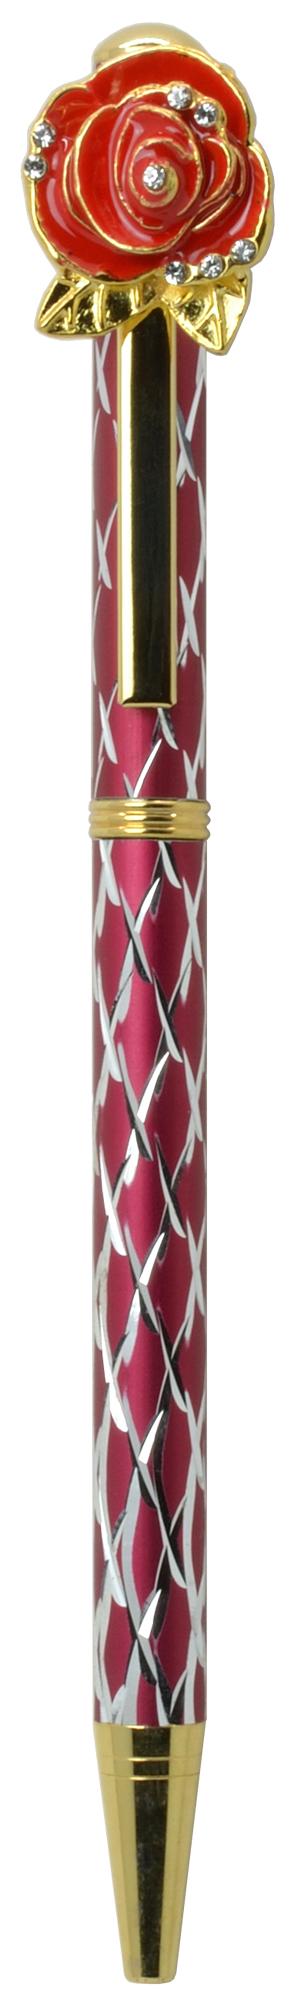 スワロフスキークリスタルボールペン ビッグローズ(ローズ4) レッド <br>No.65566